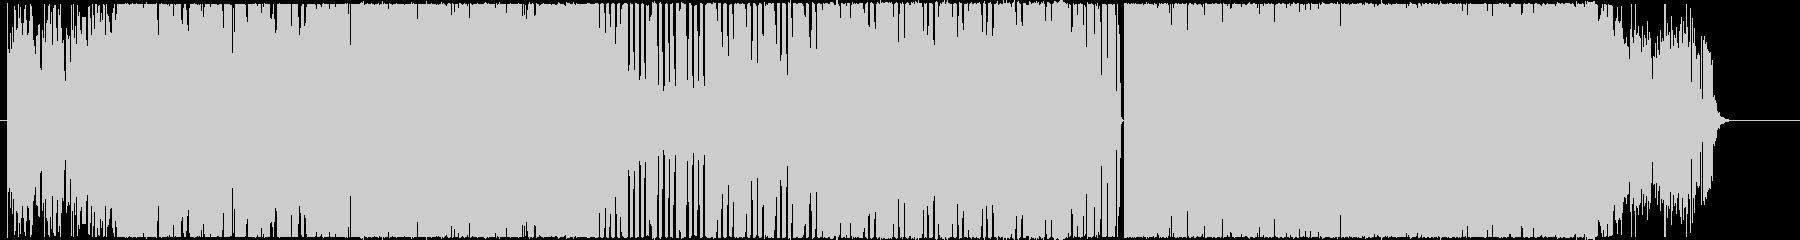 切なく力強いシンセサイザーEDMの未再生の波形